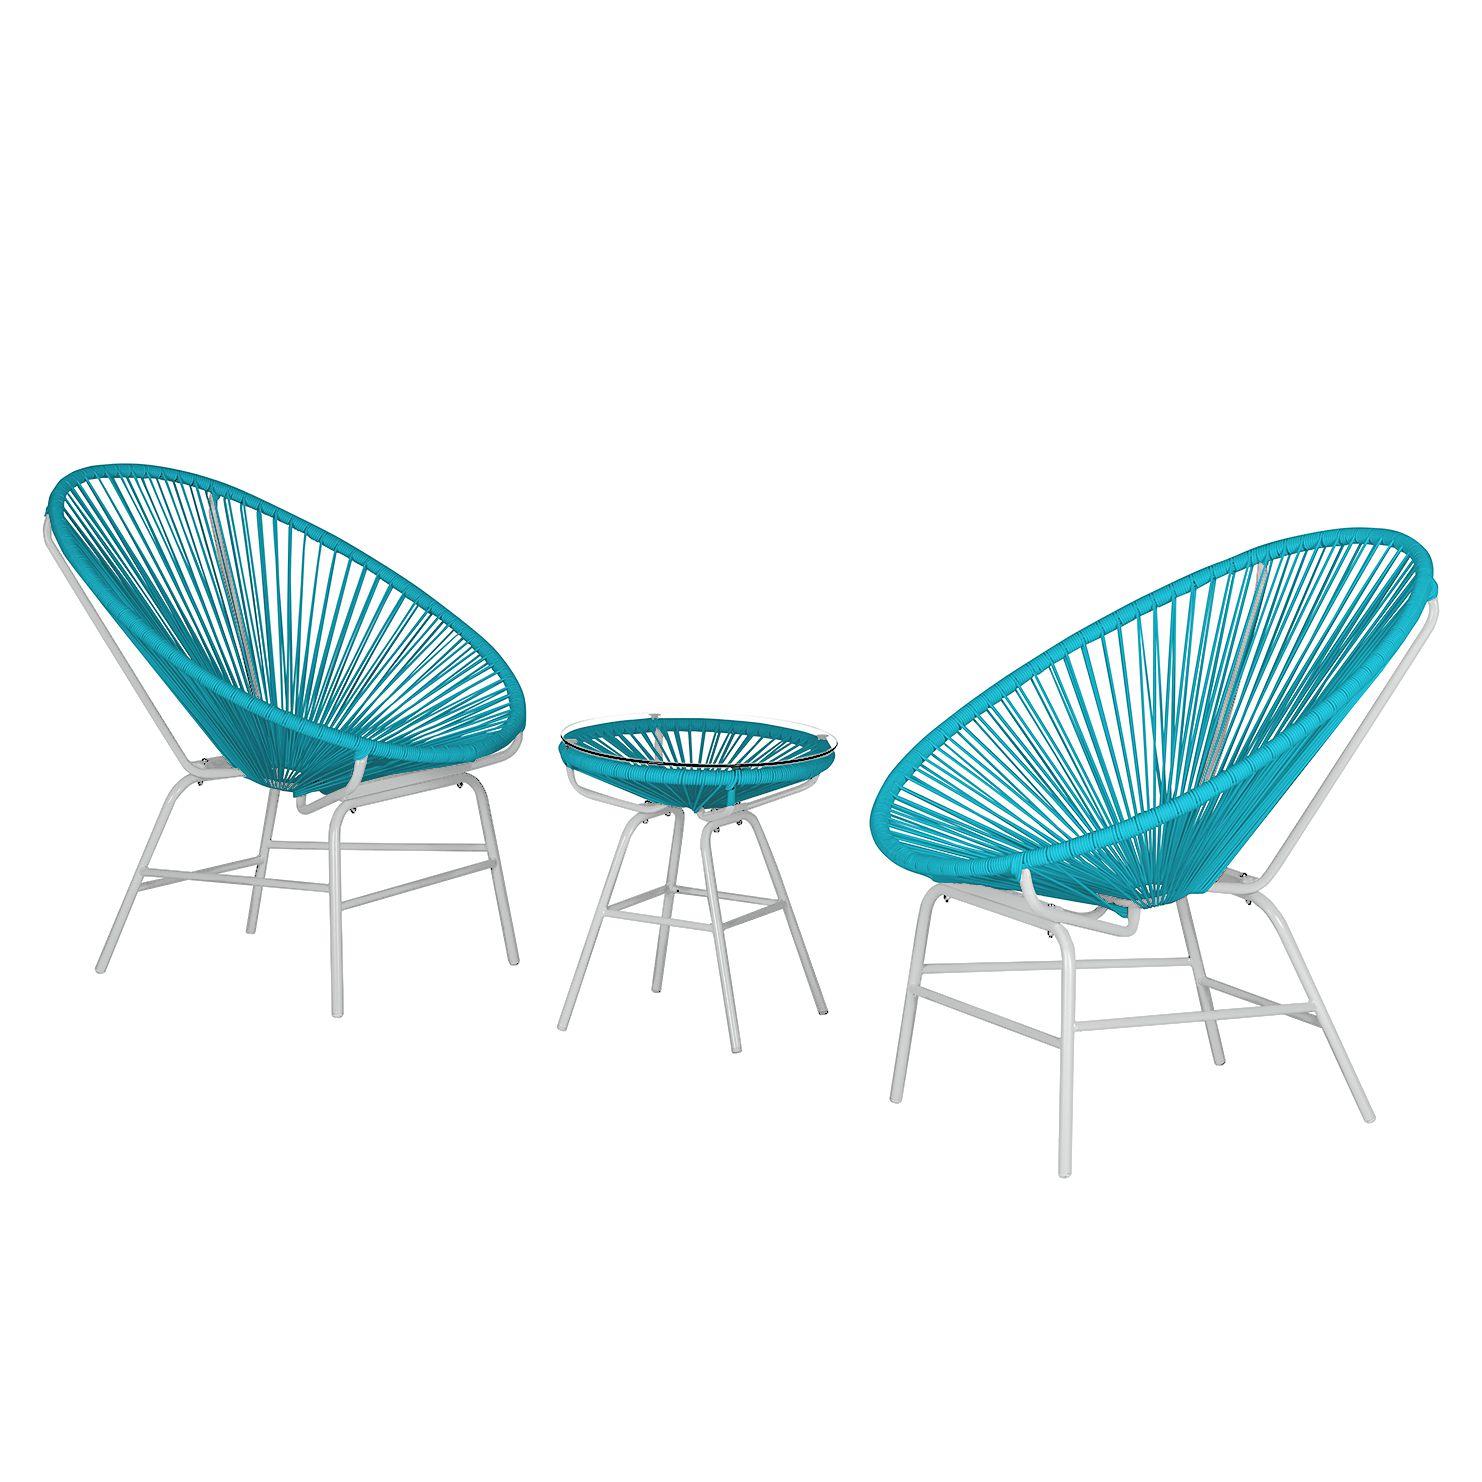 Sitzgruppe Copacabana Iv 3 Teilig Kunststoff Metall Turkis Weiss Loftscape Jetzt Bestellen Unter Https Moe Gartenmobel Sets Gartenmobel Sitzgruppe